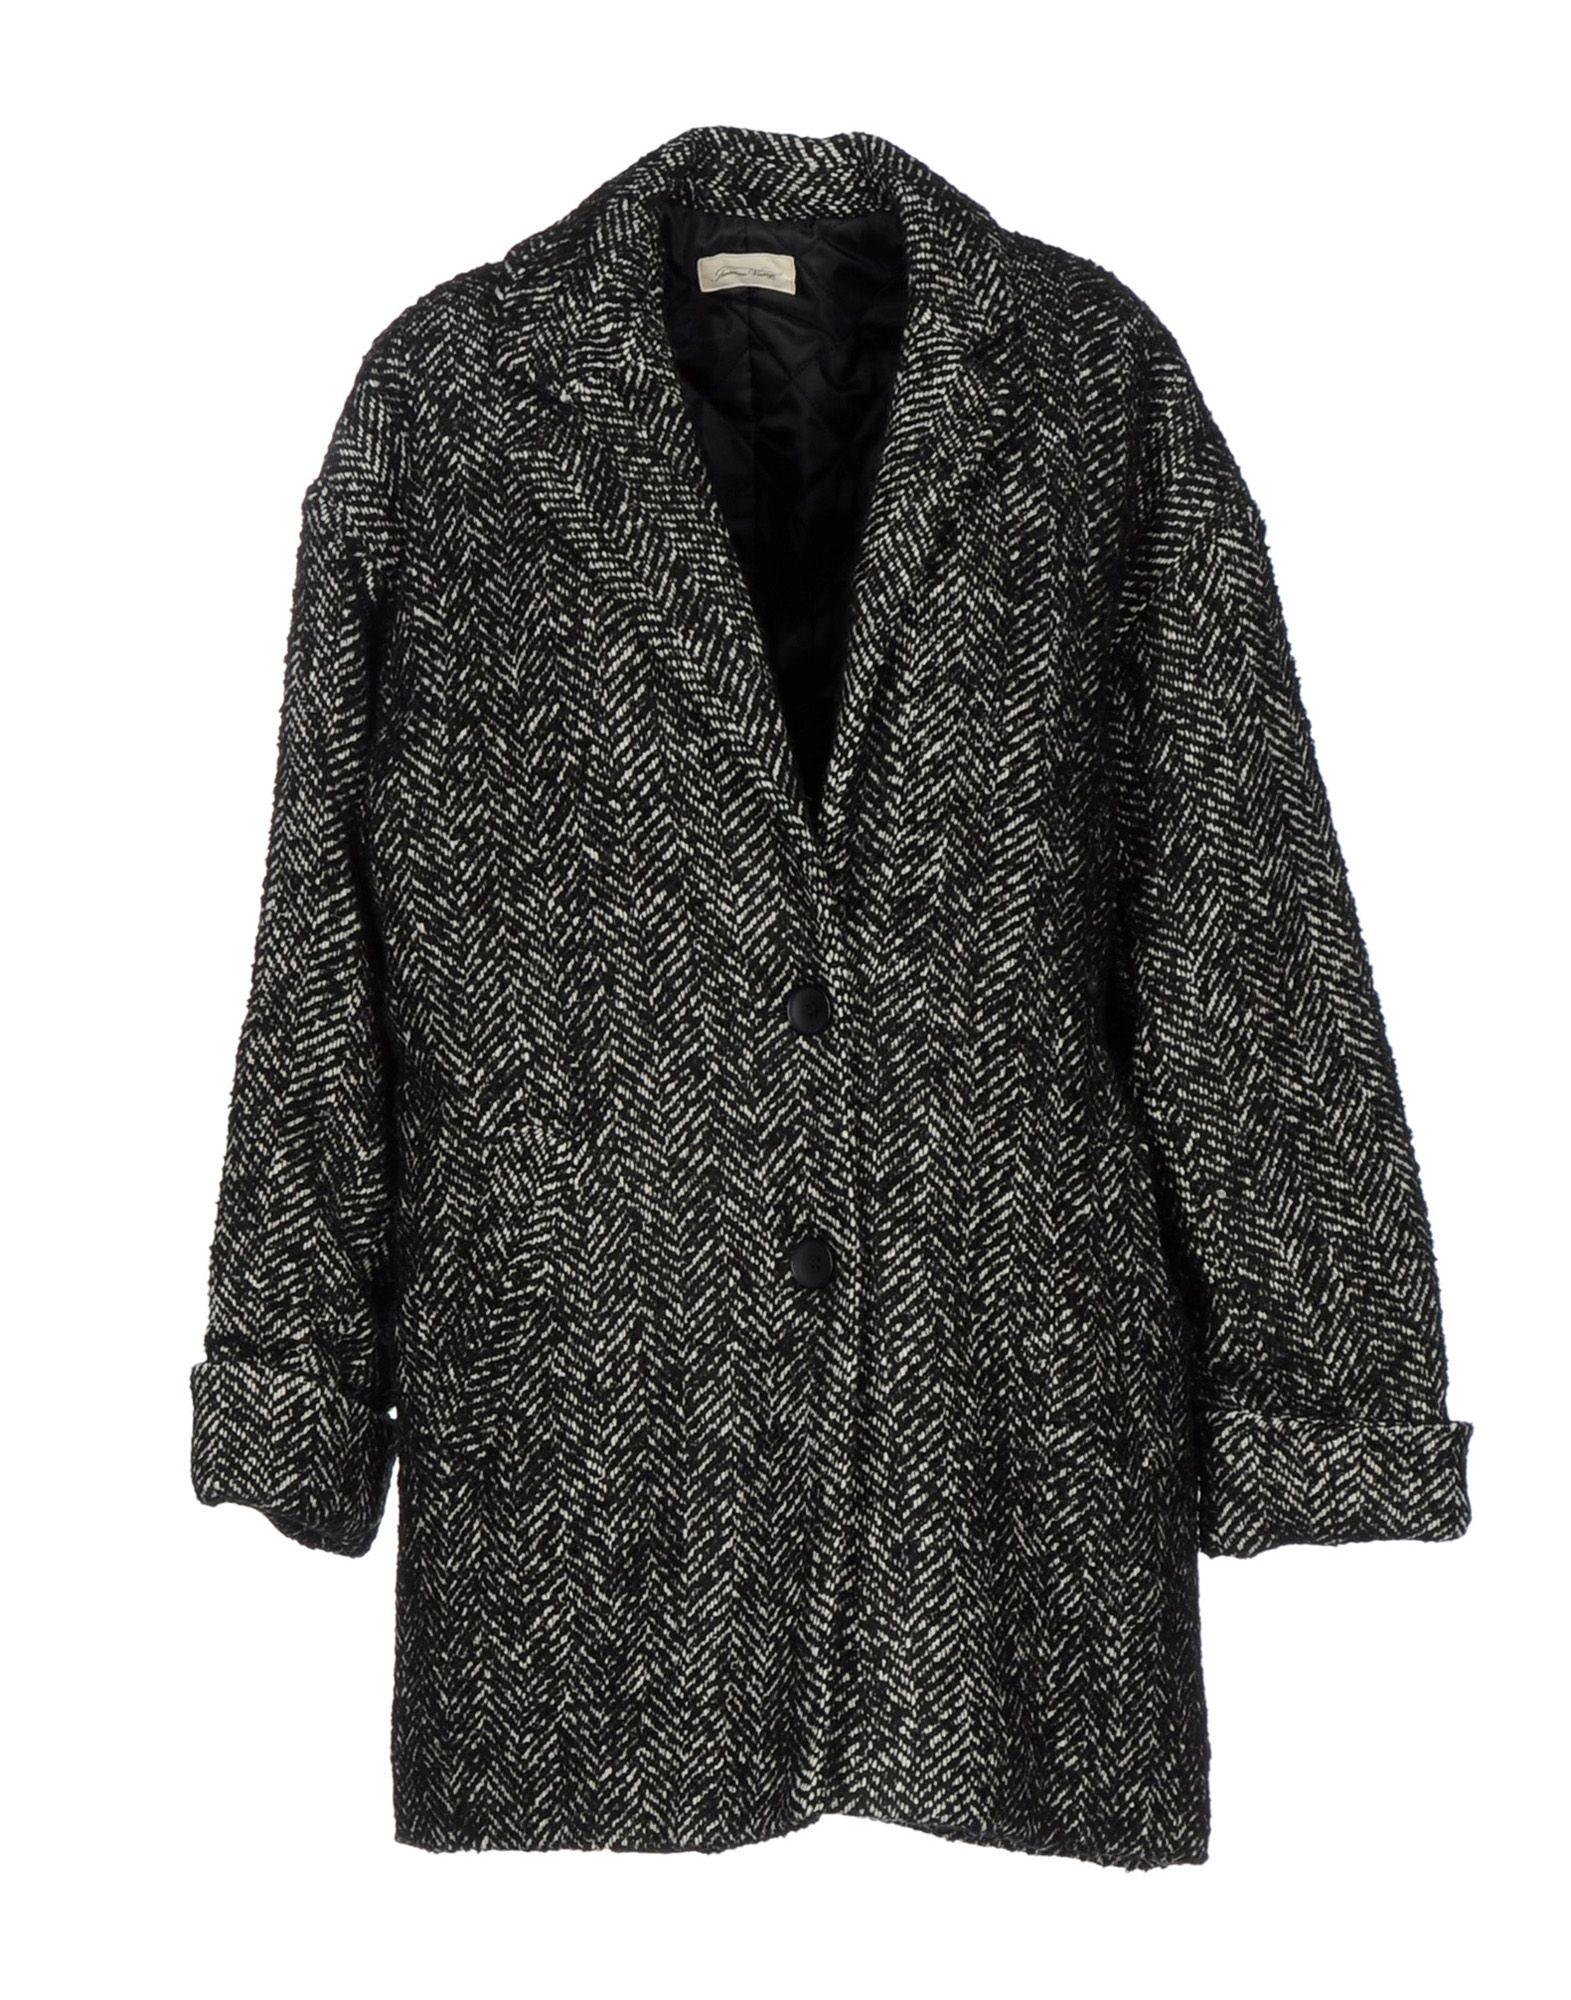 AMERICAN VINTAGE Coat in Steel Grey